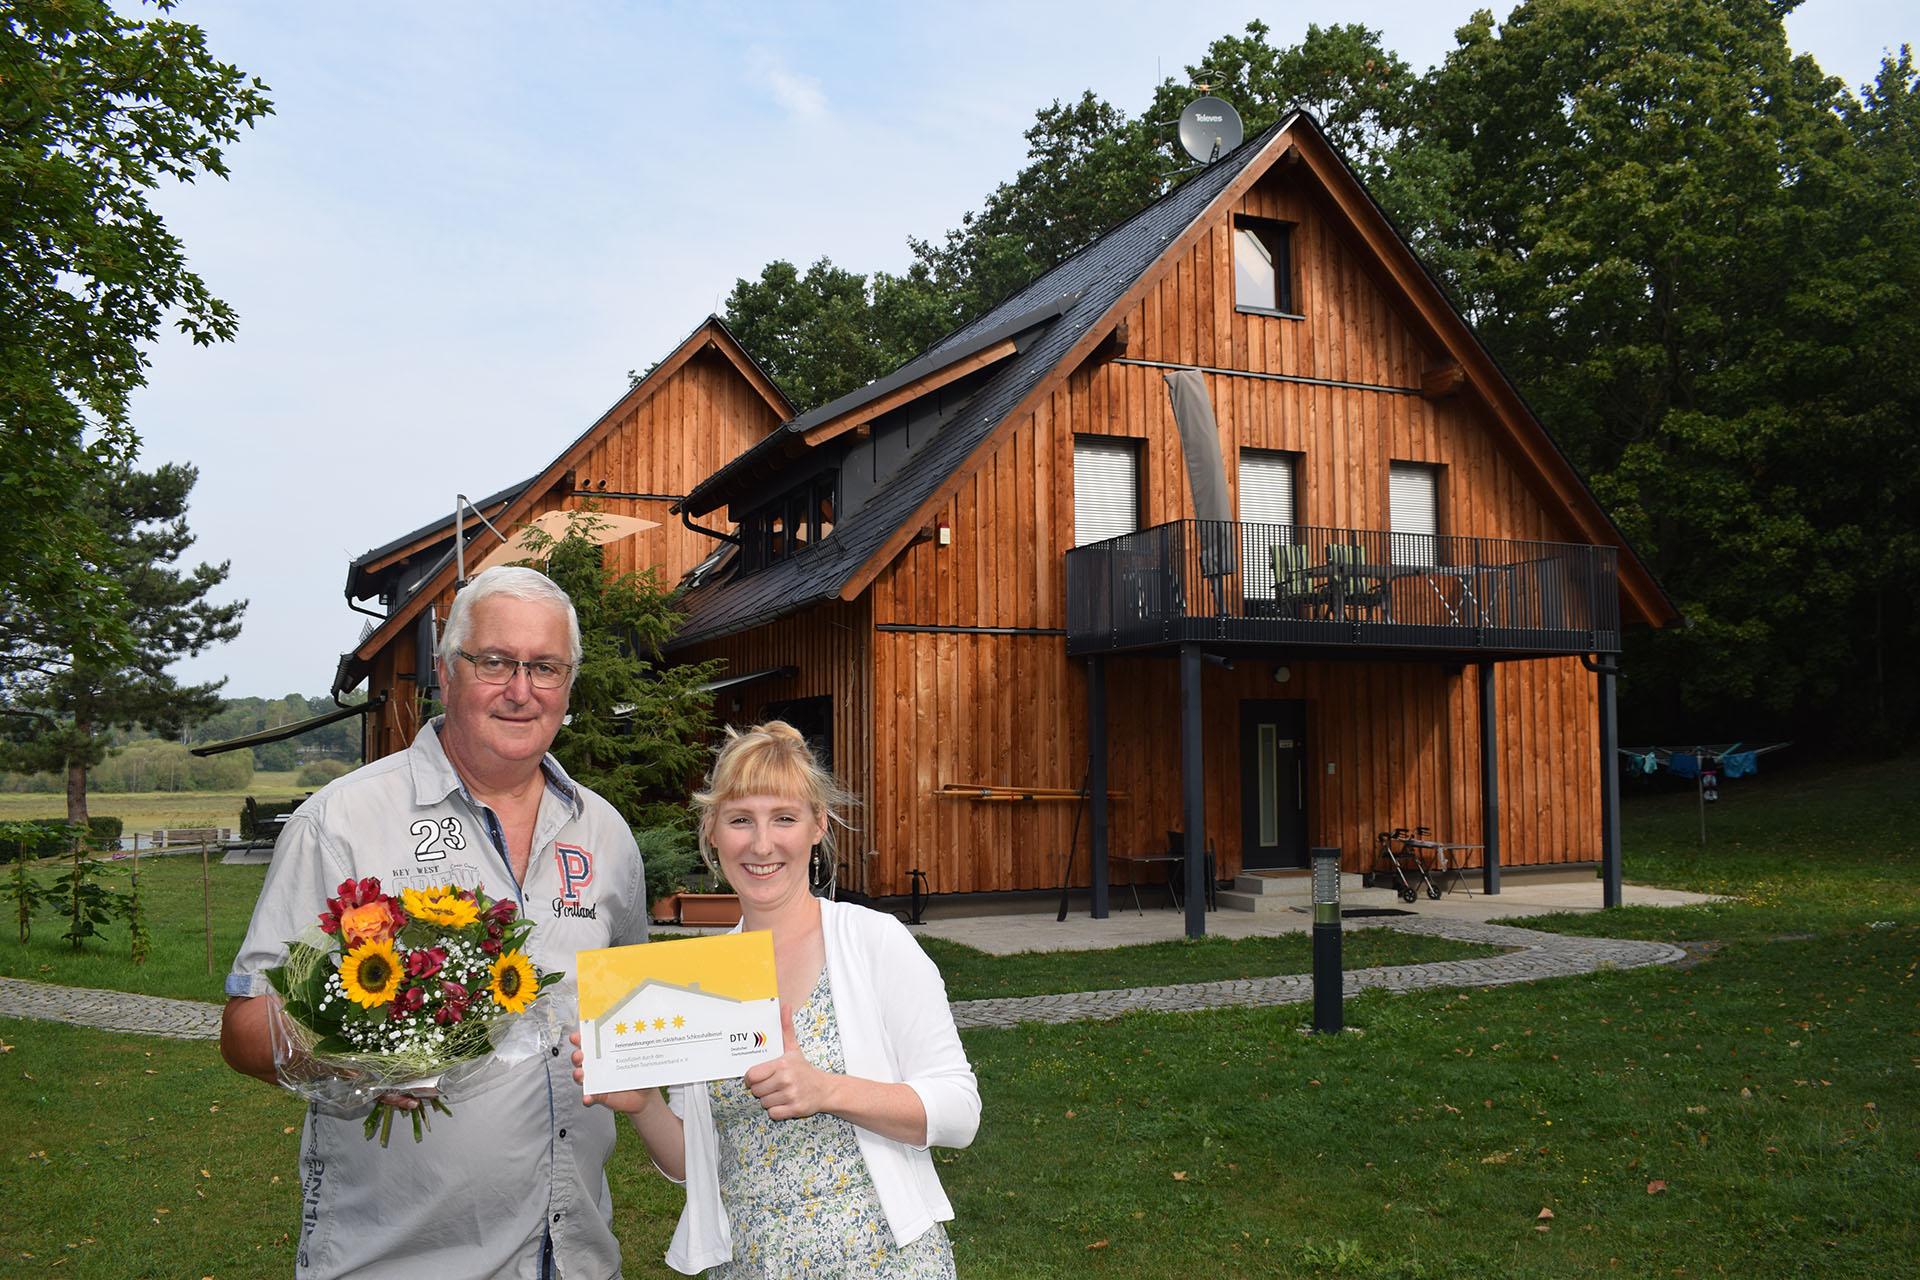 Vier Sterne für Gästehaus Schlosshalbinsel